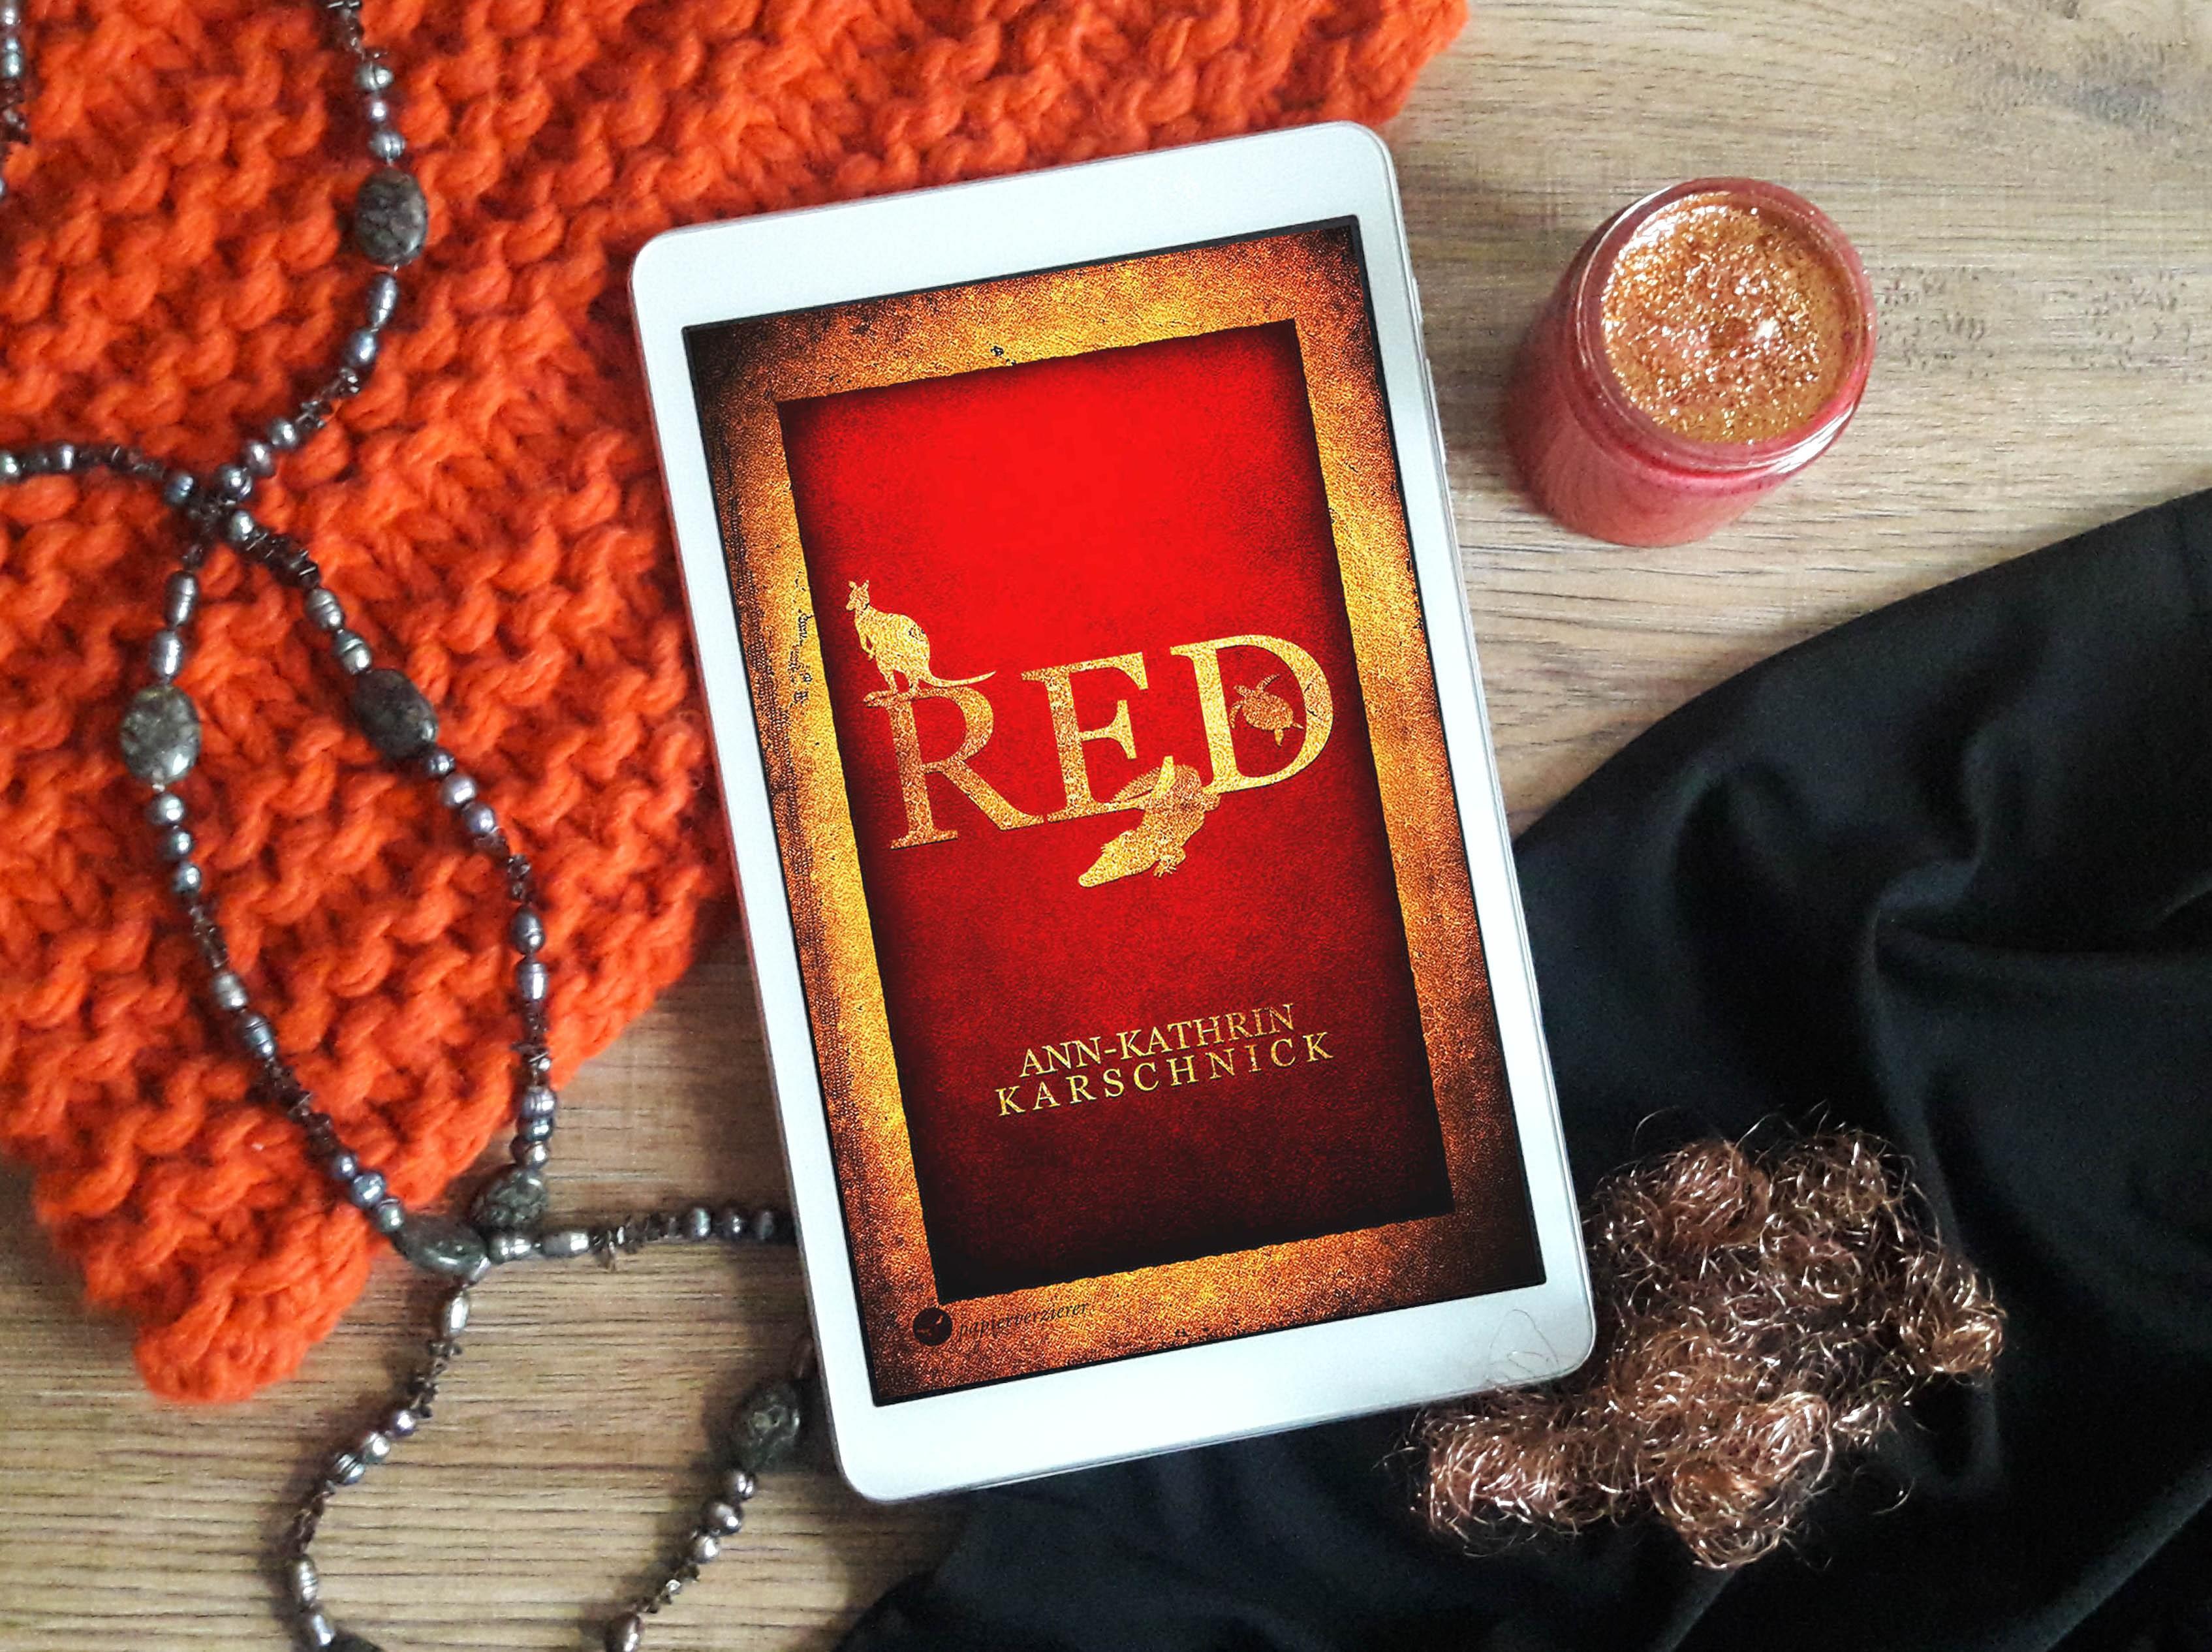 RED – Ann-Kathrin Karschnick graphic